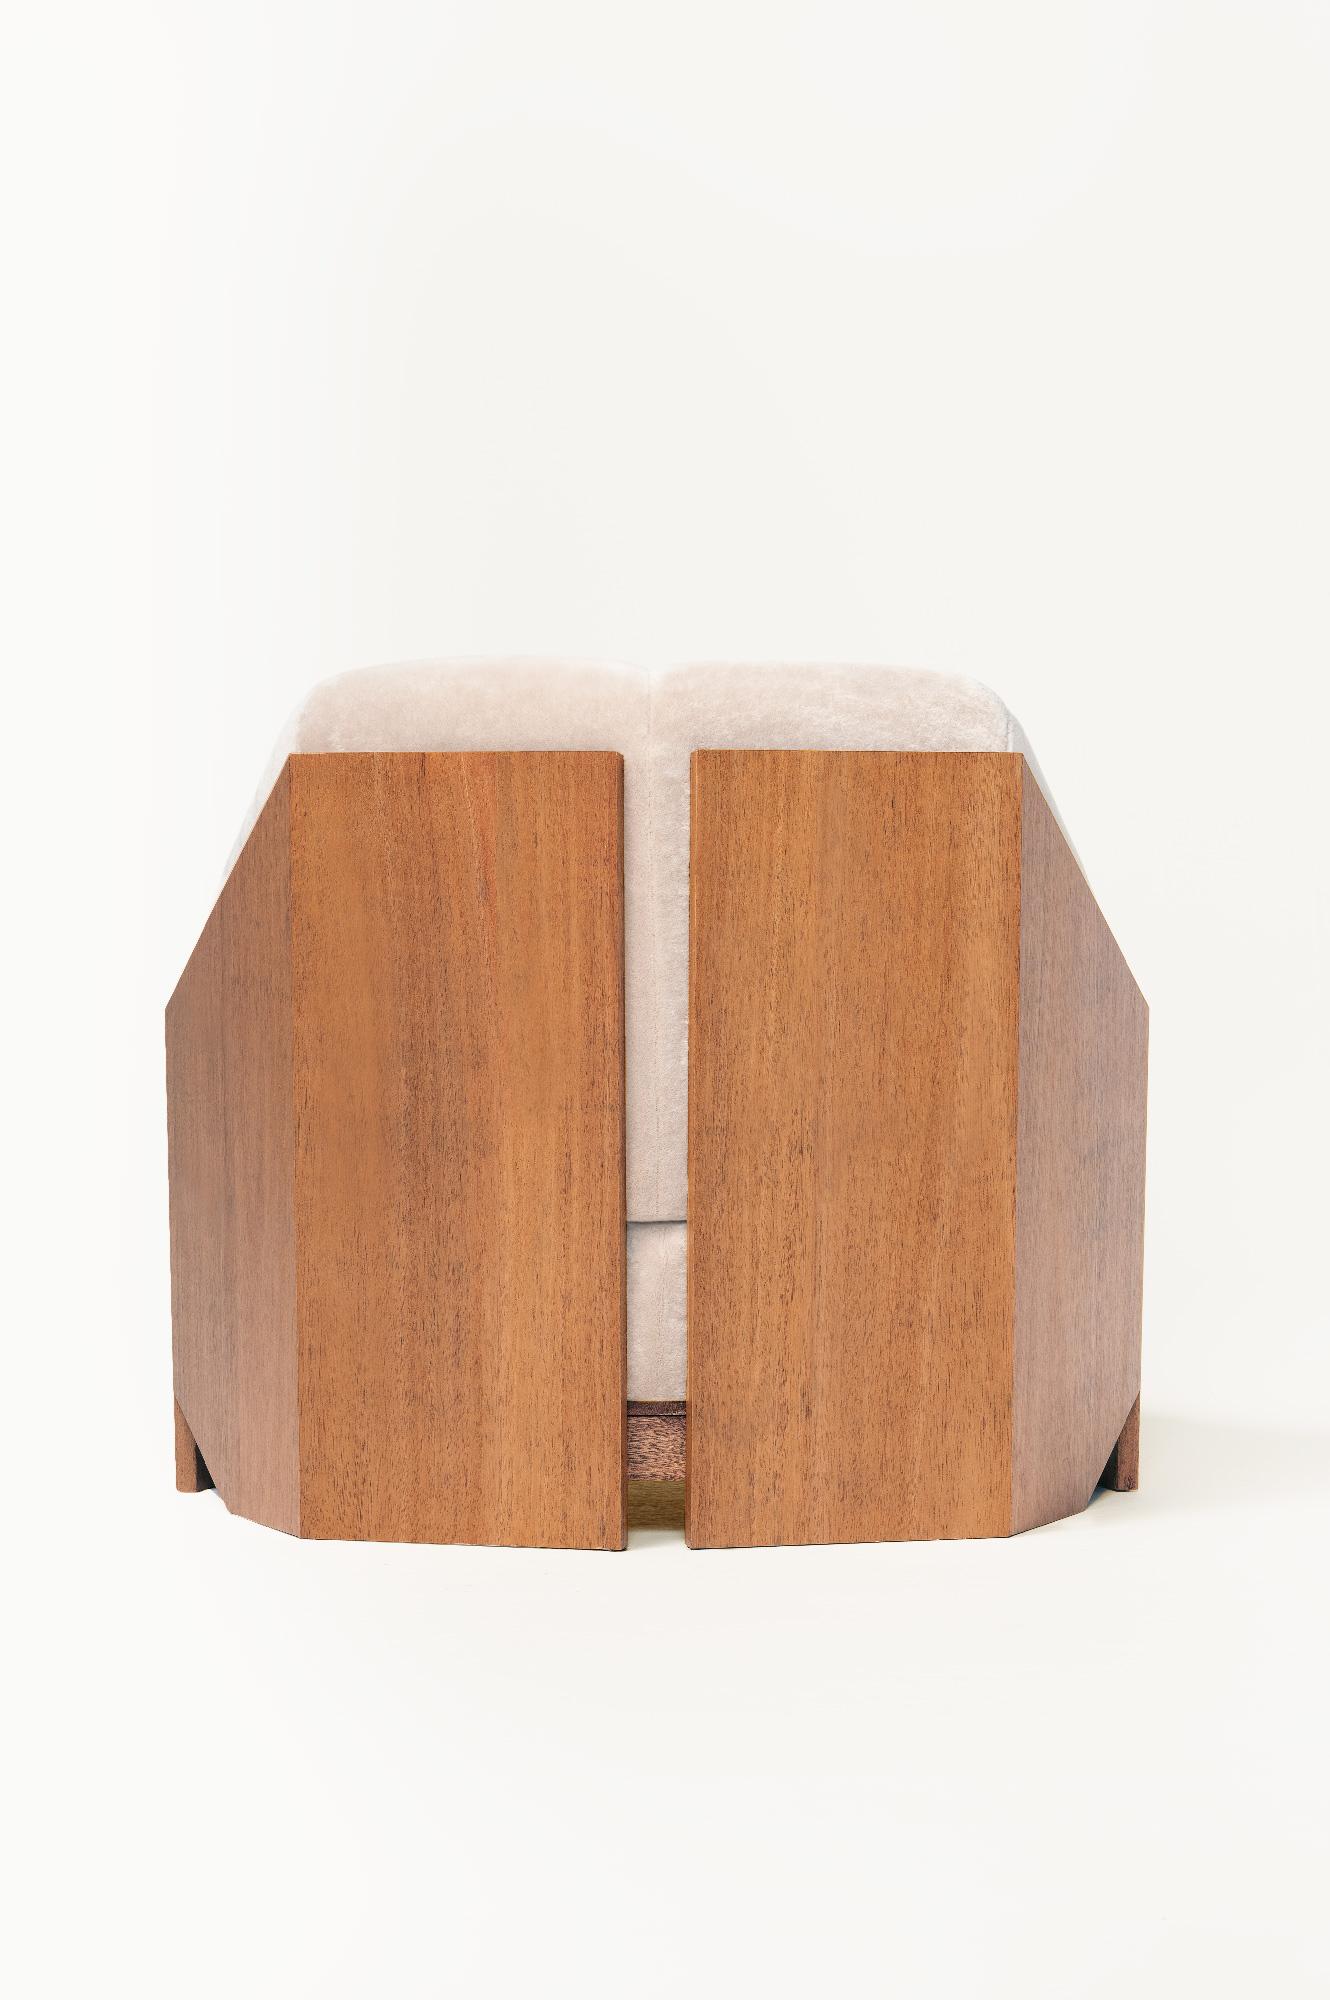 Atelier de Troupe - NEW – Château Chair